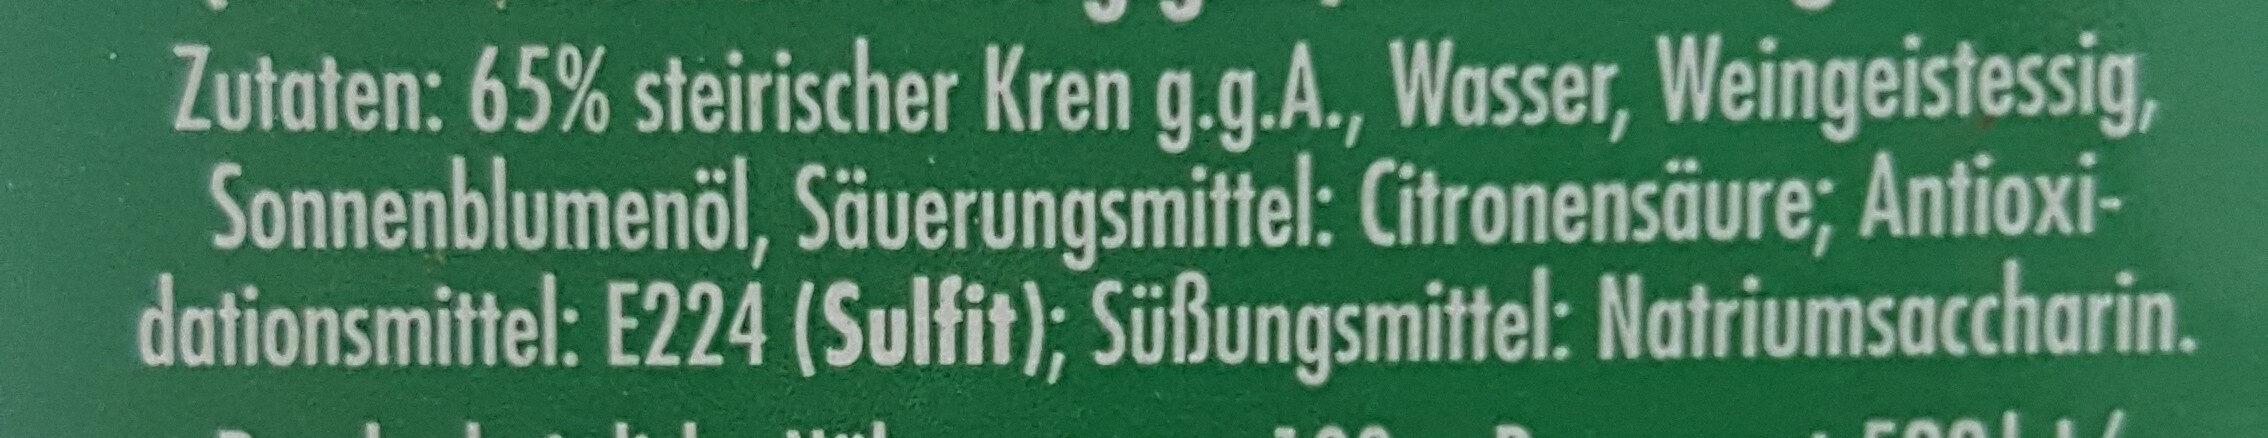 Mautner-markhof Kren - Ingrédients - de